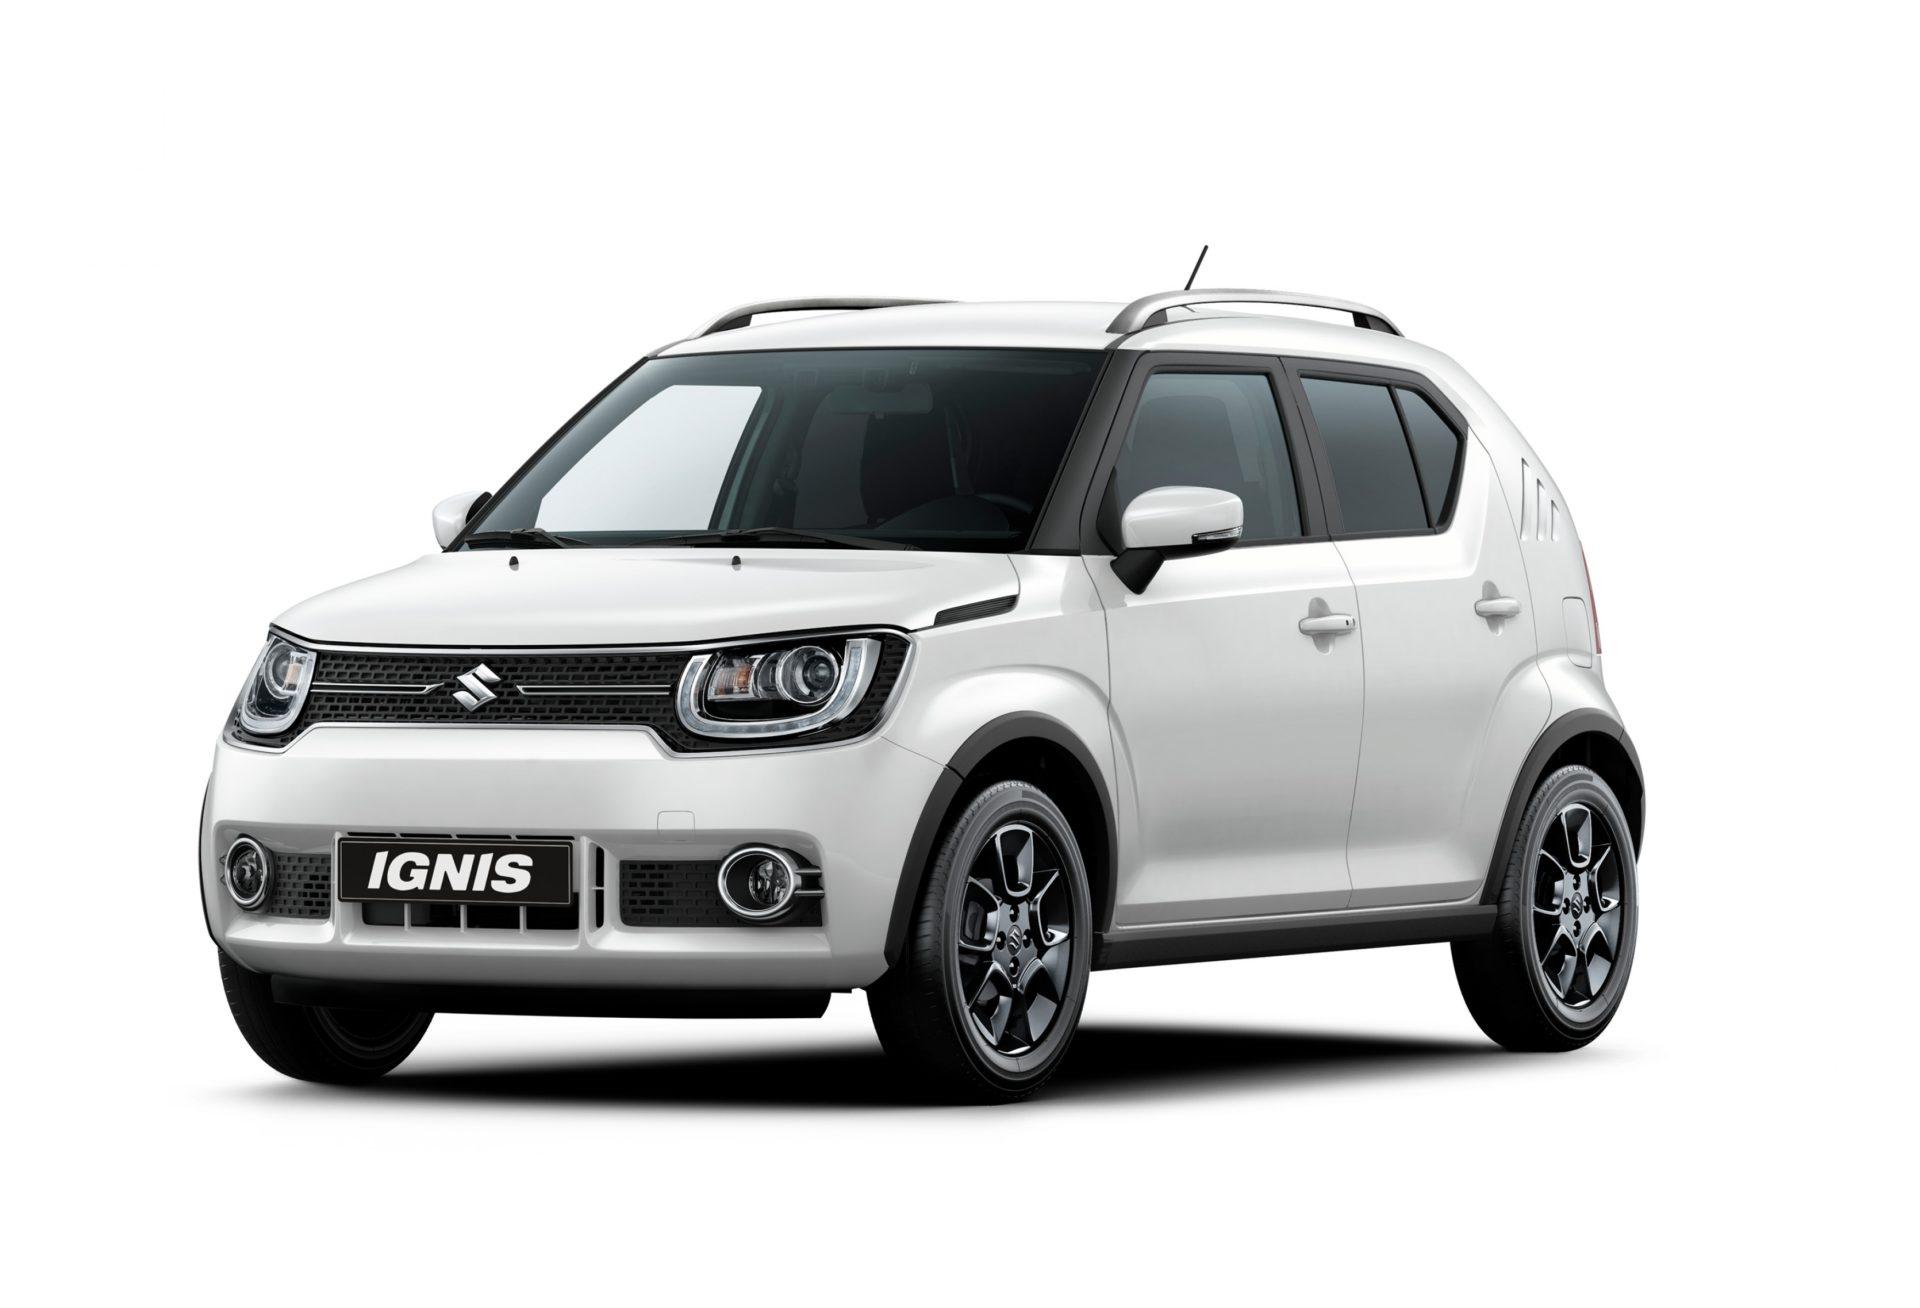 Introducing the Suzuki Ignis